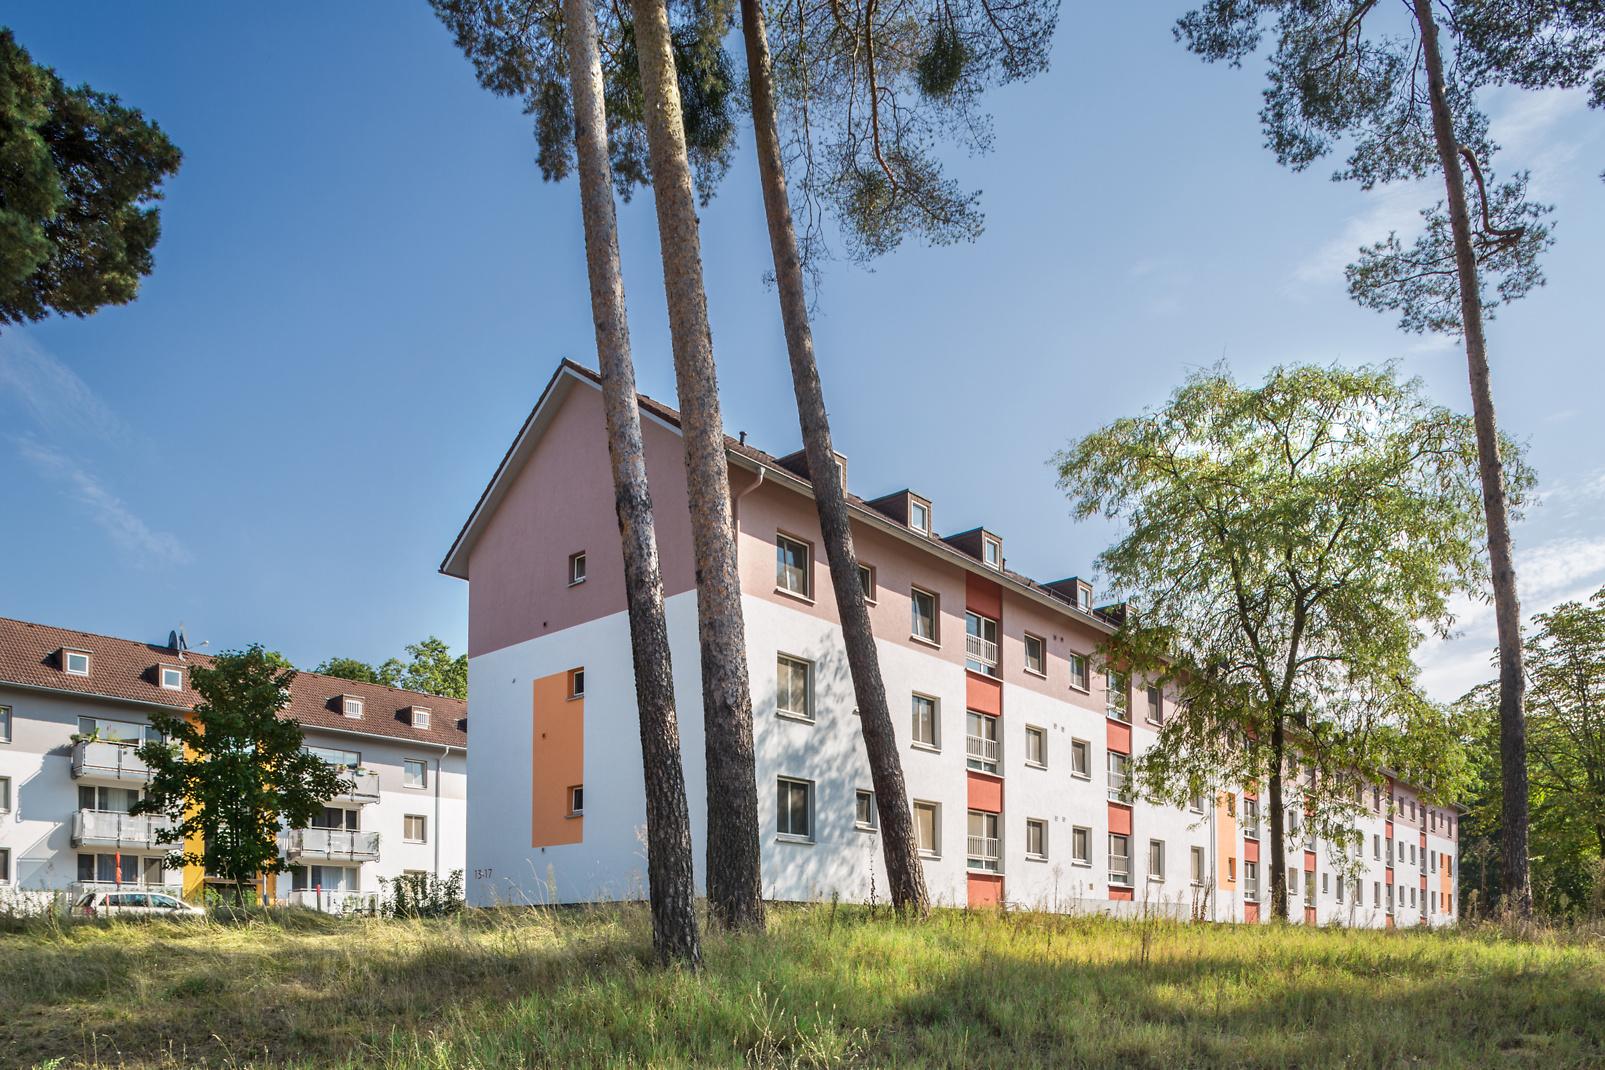 Innenarchitektur Welche Fassadenfarbe Passt Zu Braunen Fenstern Sammlung Von Zur Referenz-Übersicht